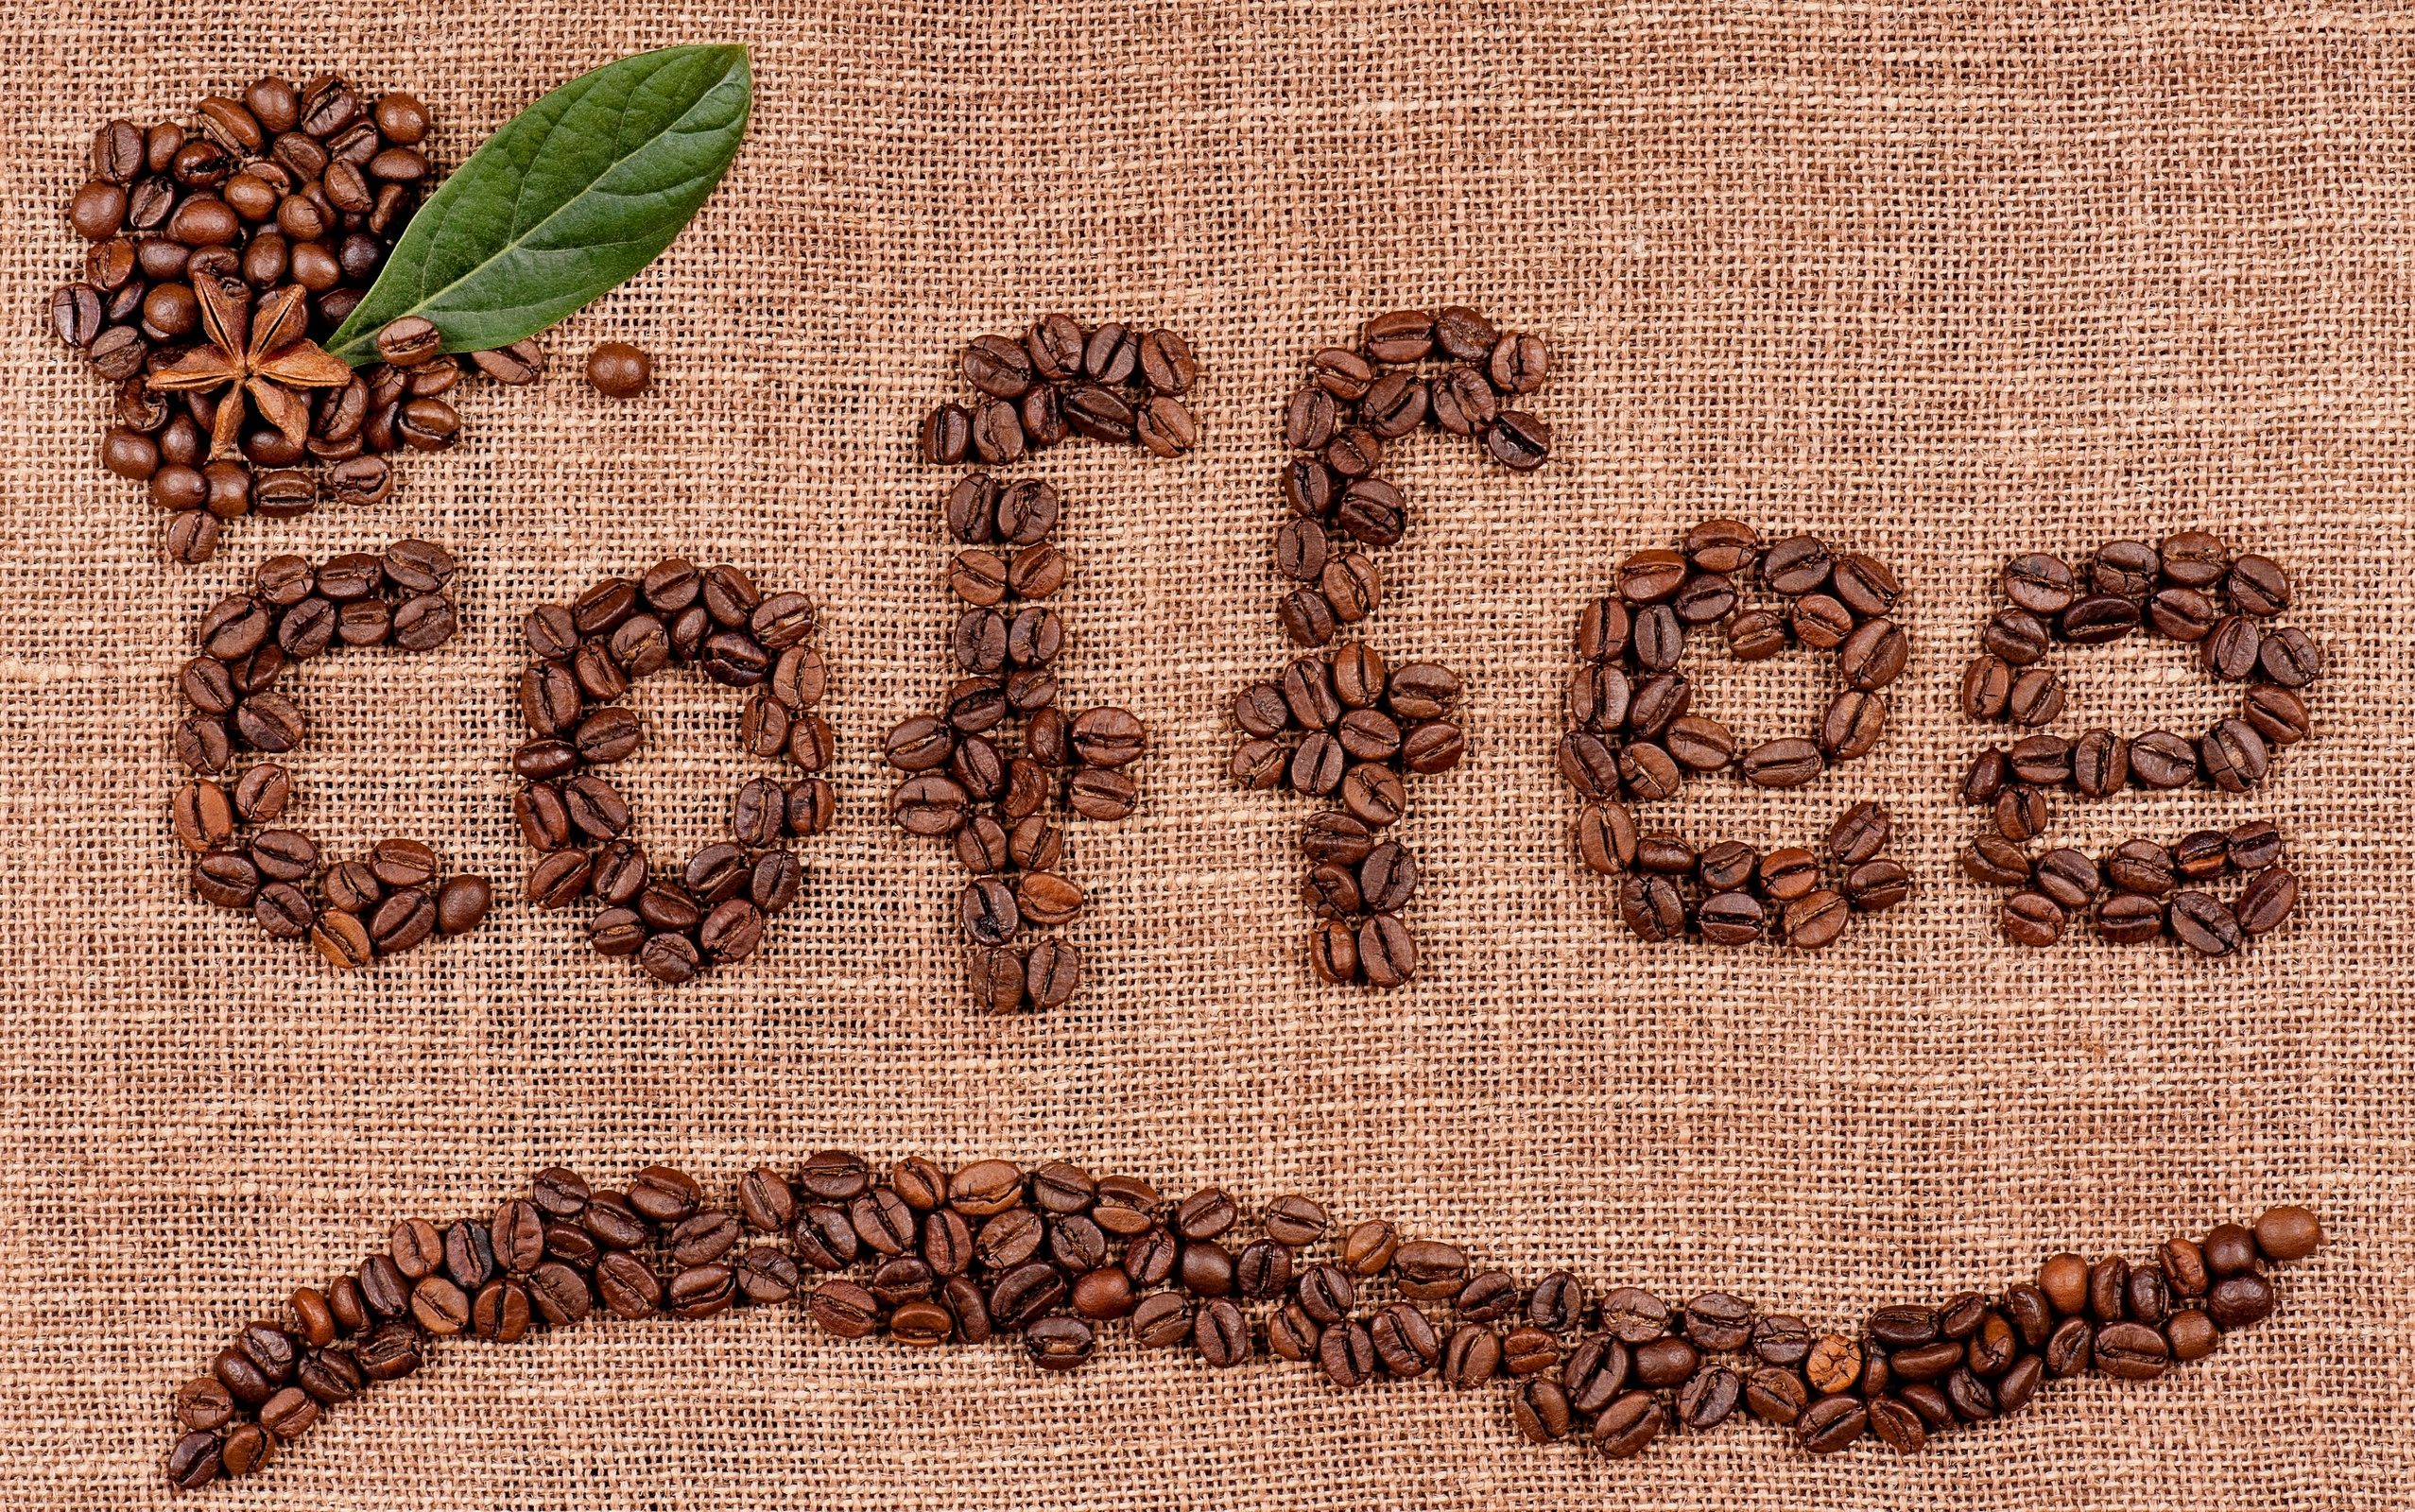 постер из кофейных зерен должна быть